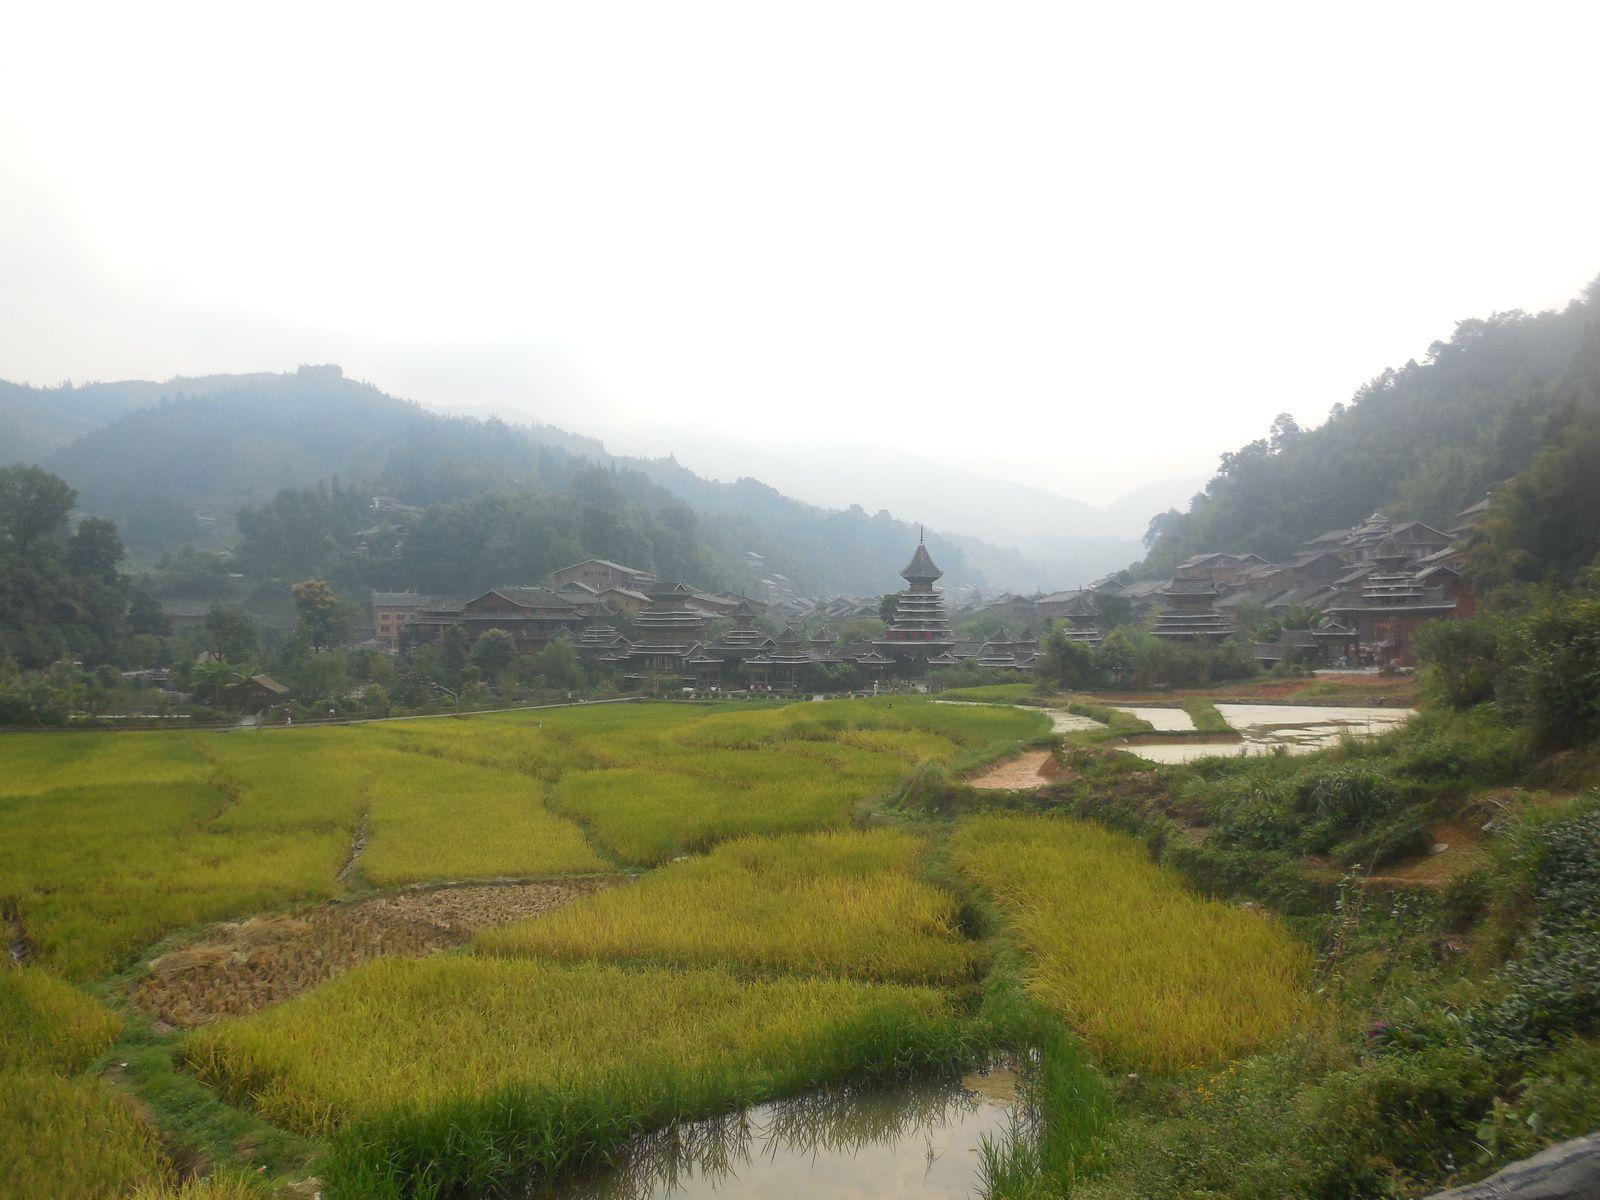 Village entouré de rizières...